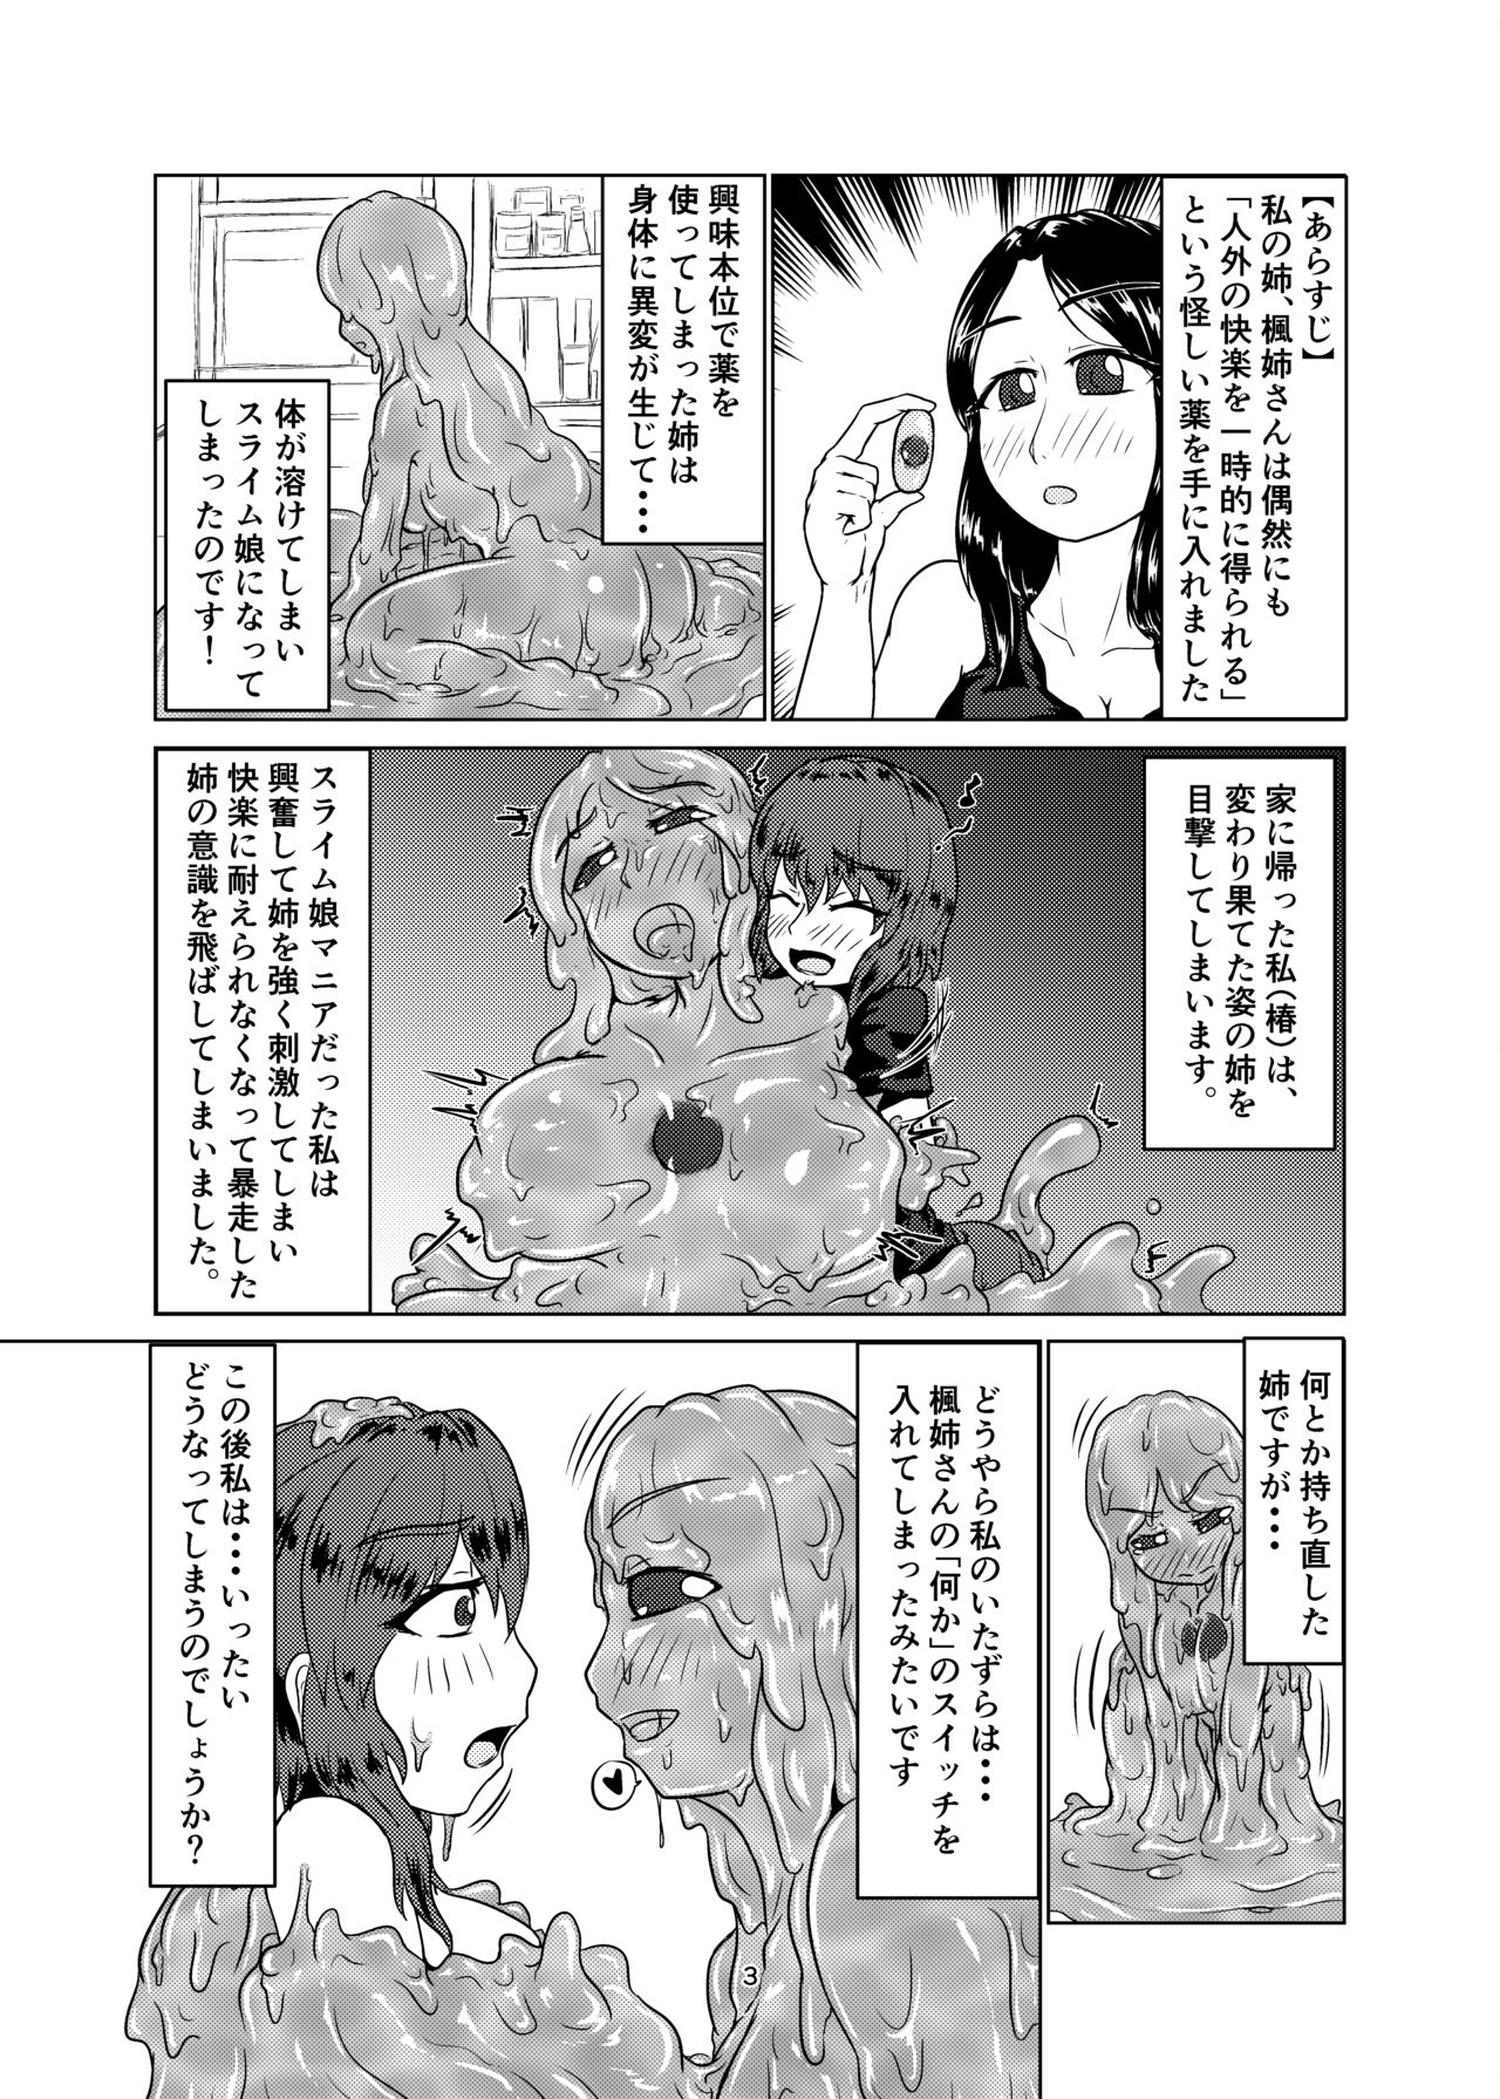 【エロ漫画】スライムになってしまったお姉さんに、身動きできなくされてお尻から姉さんが入って来ちゃう!【無料 エロ同人誌】 (2)